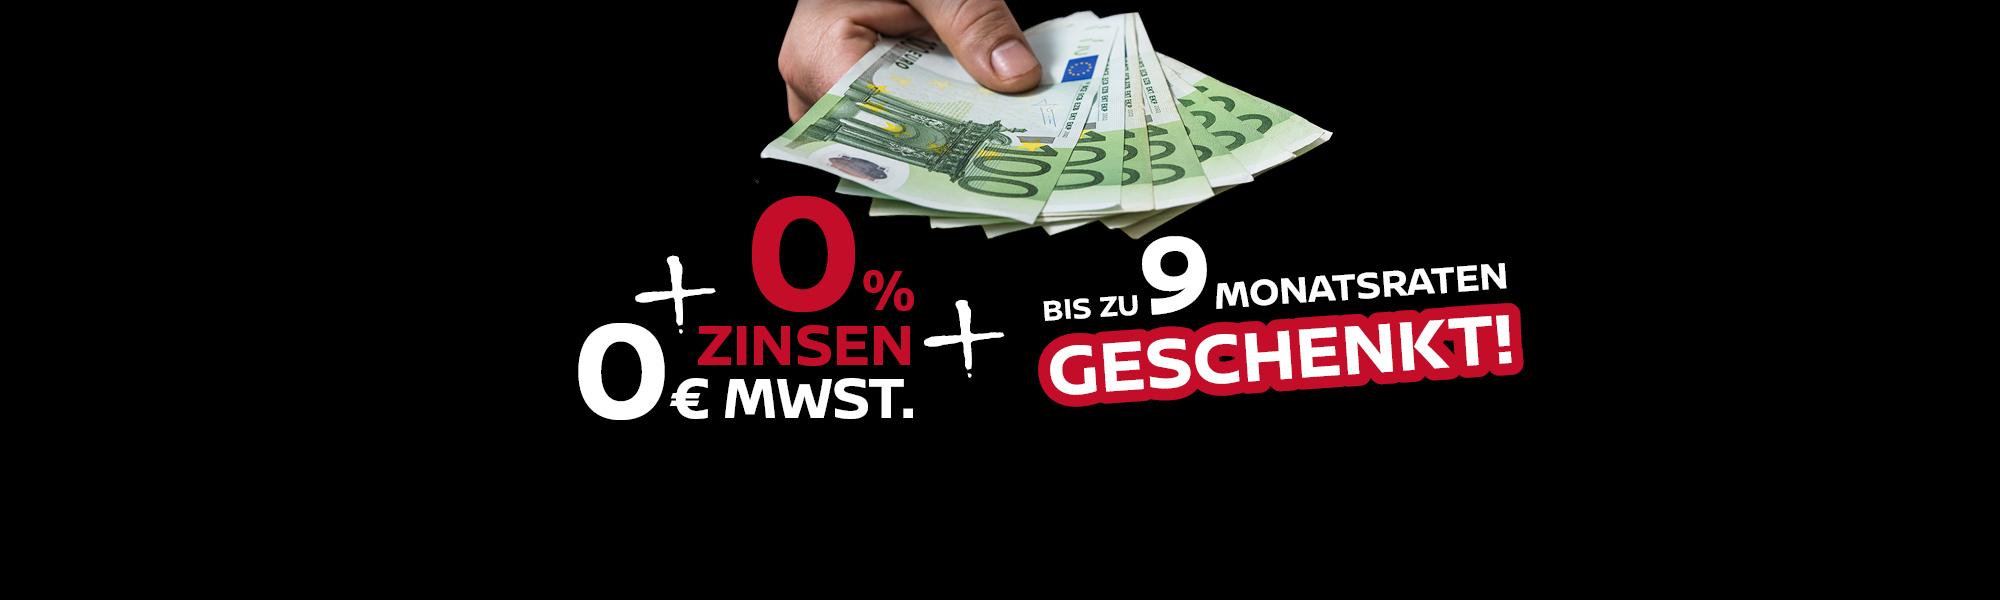 0€ MWST – 0% ZINSEN & Bis zu 9 Monatsraten geschenkt!